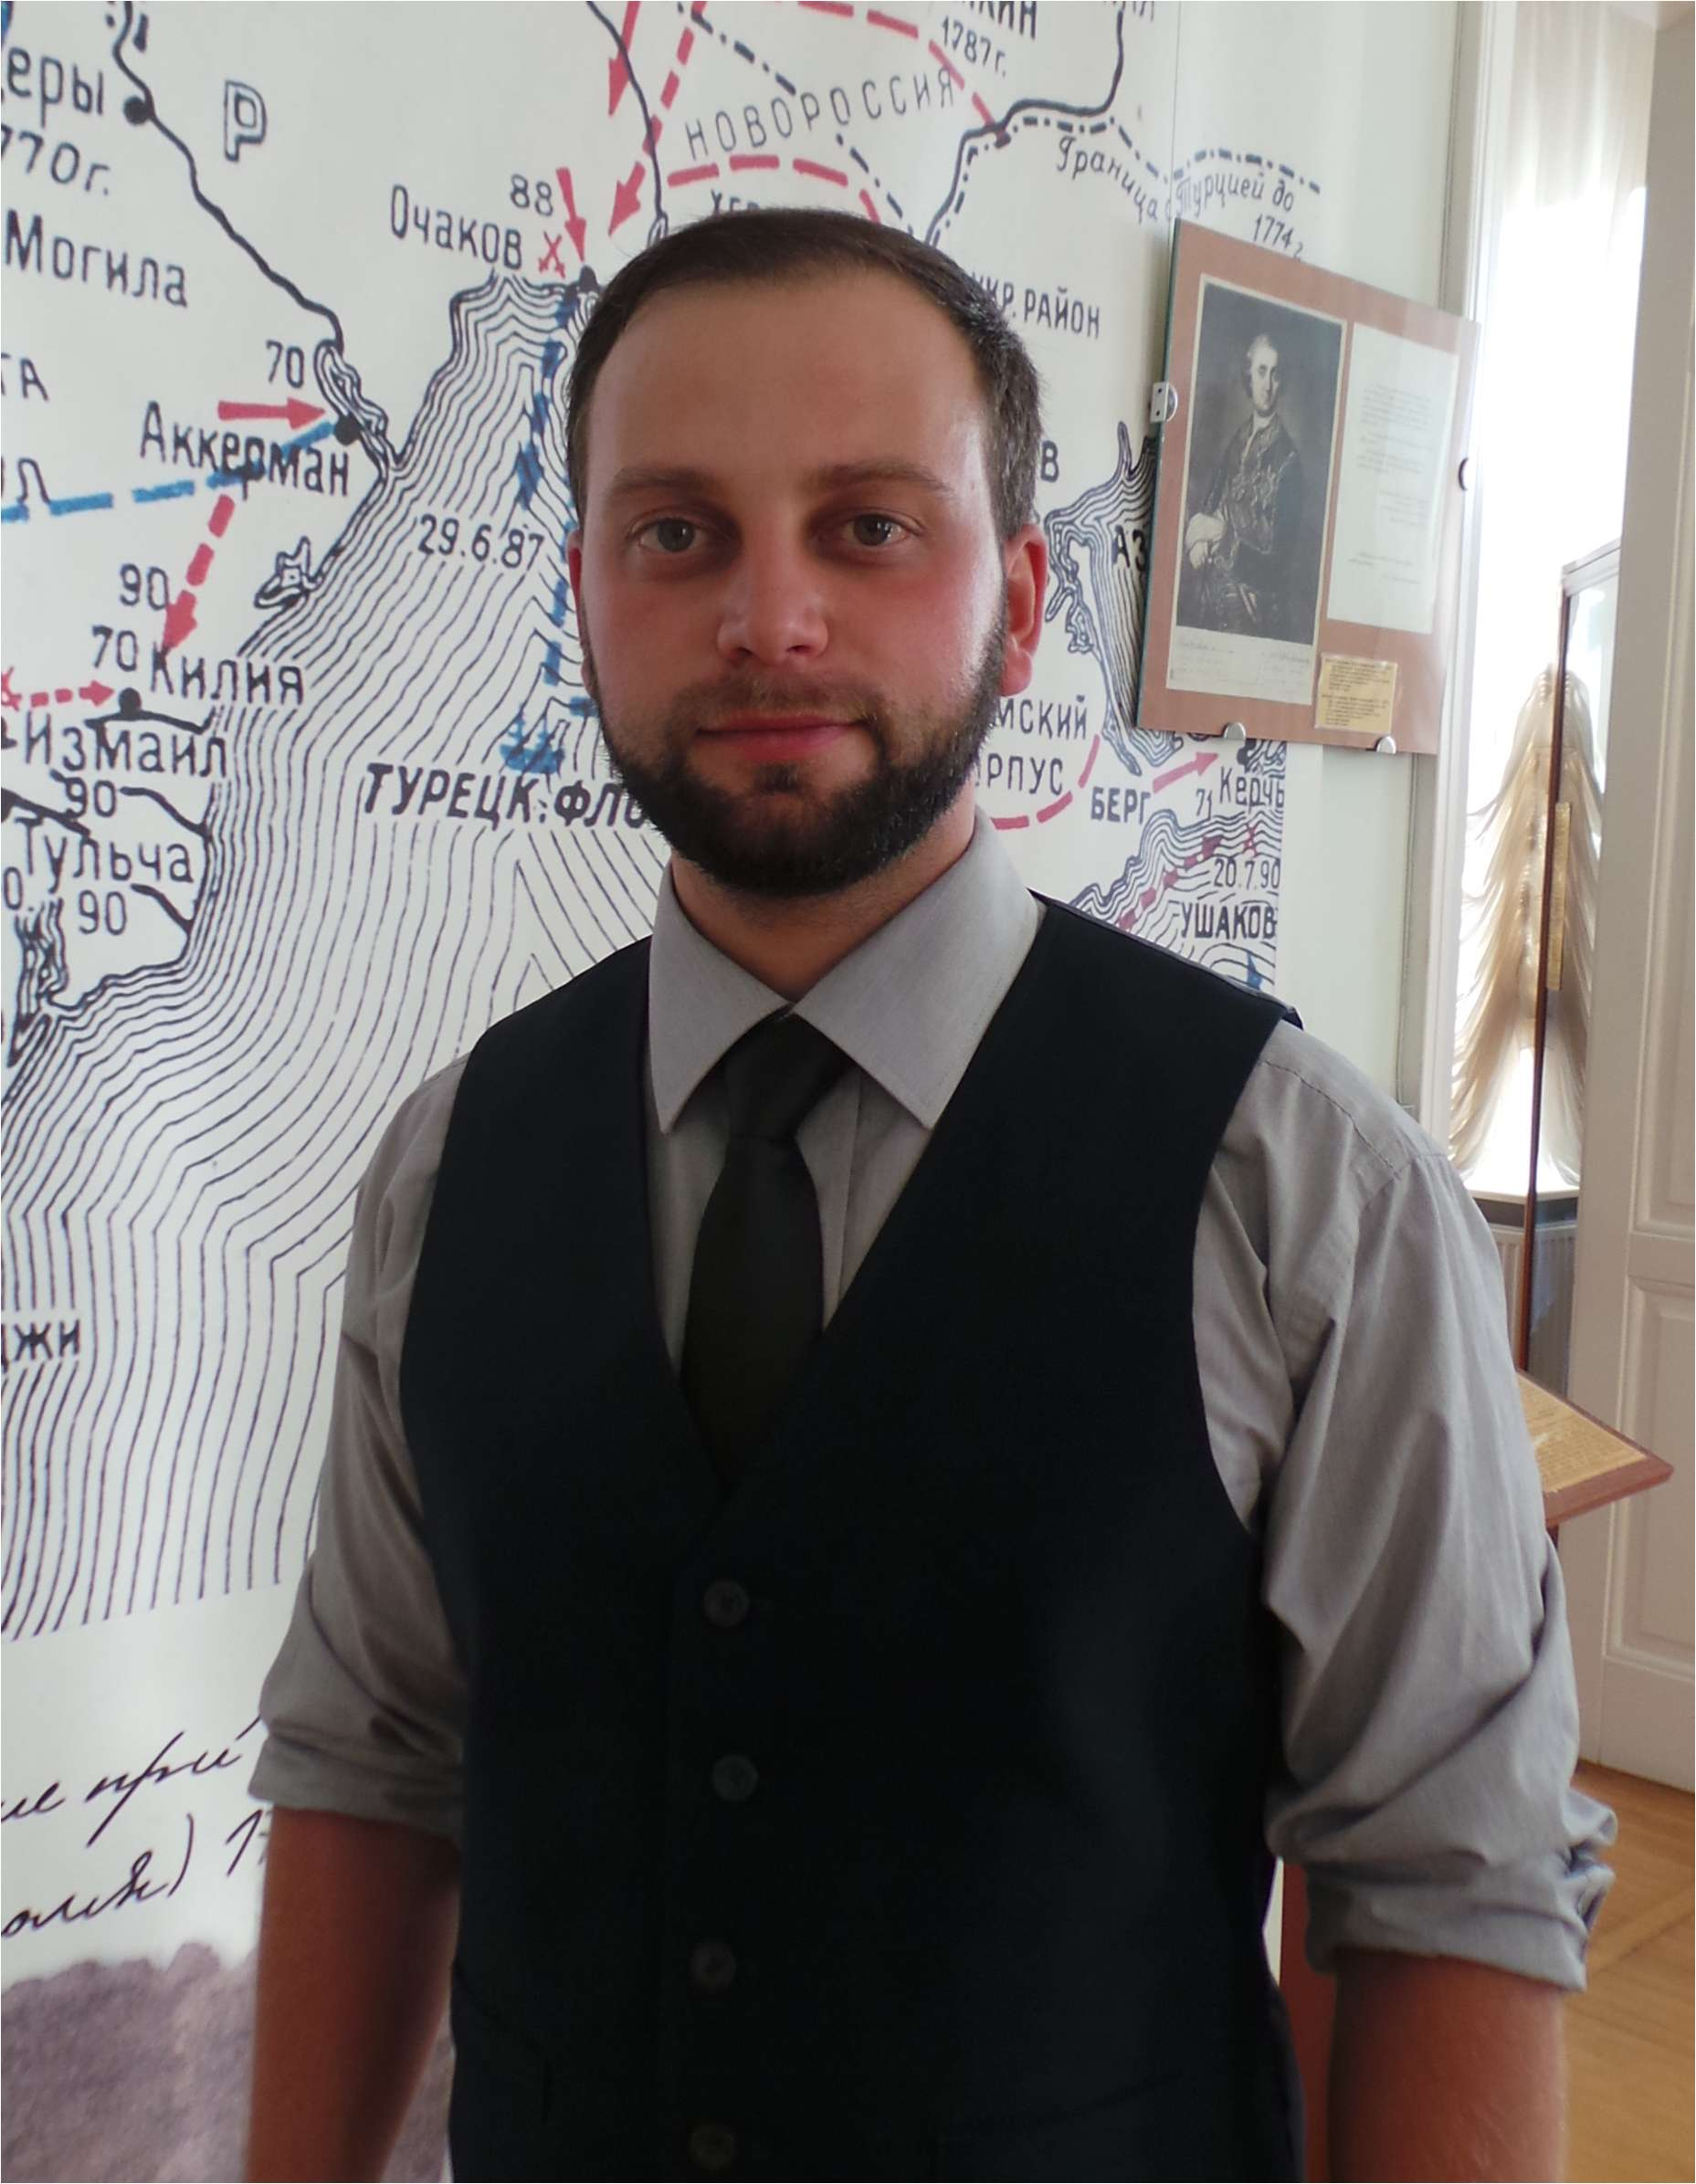 Татаринов Іван Єгенович, кандидат історичних наук